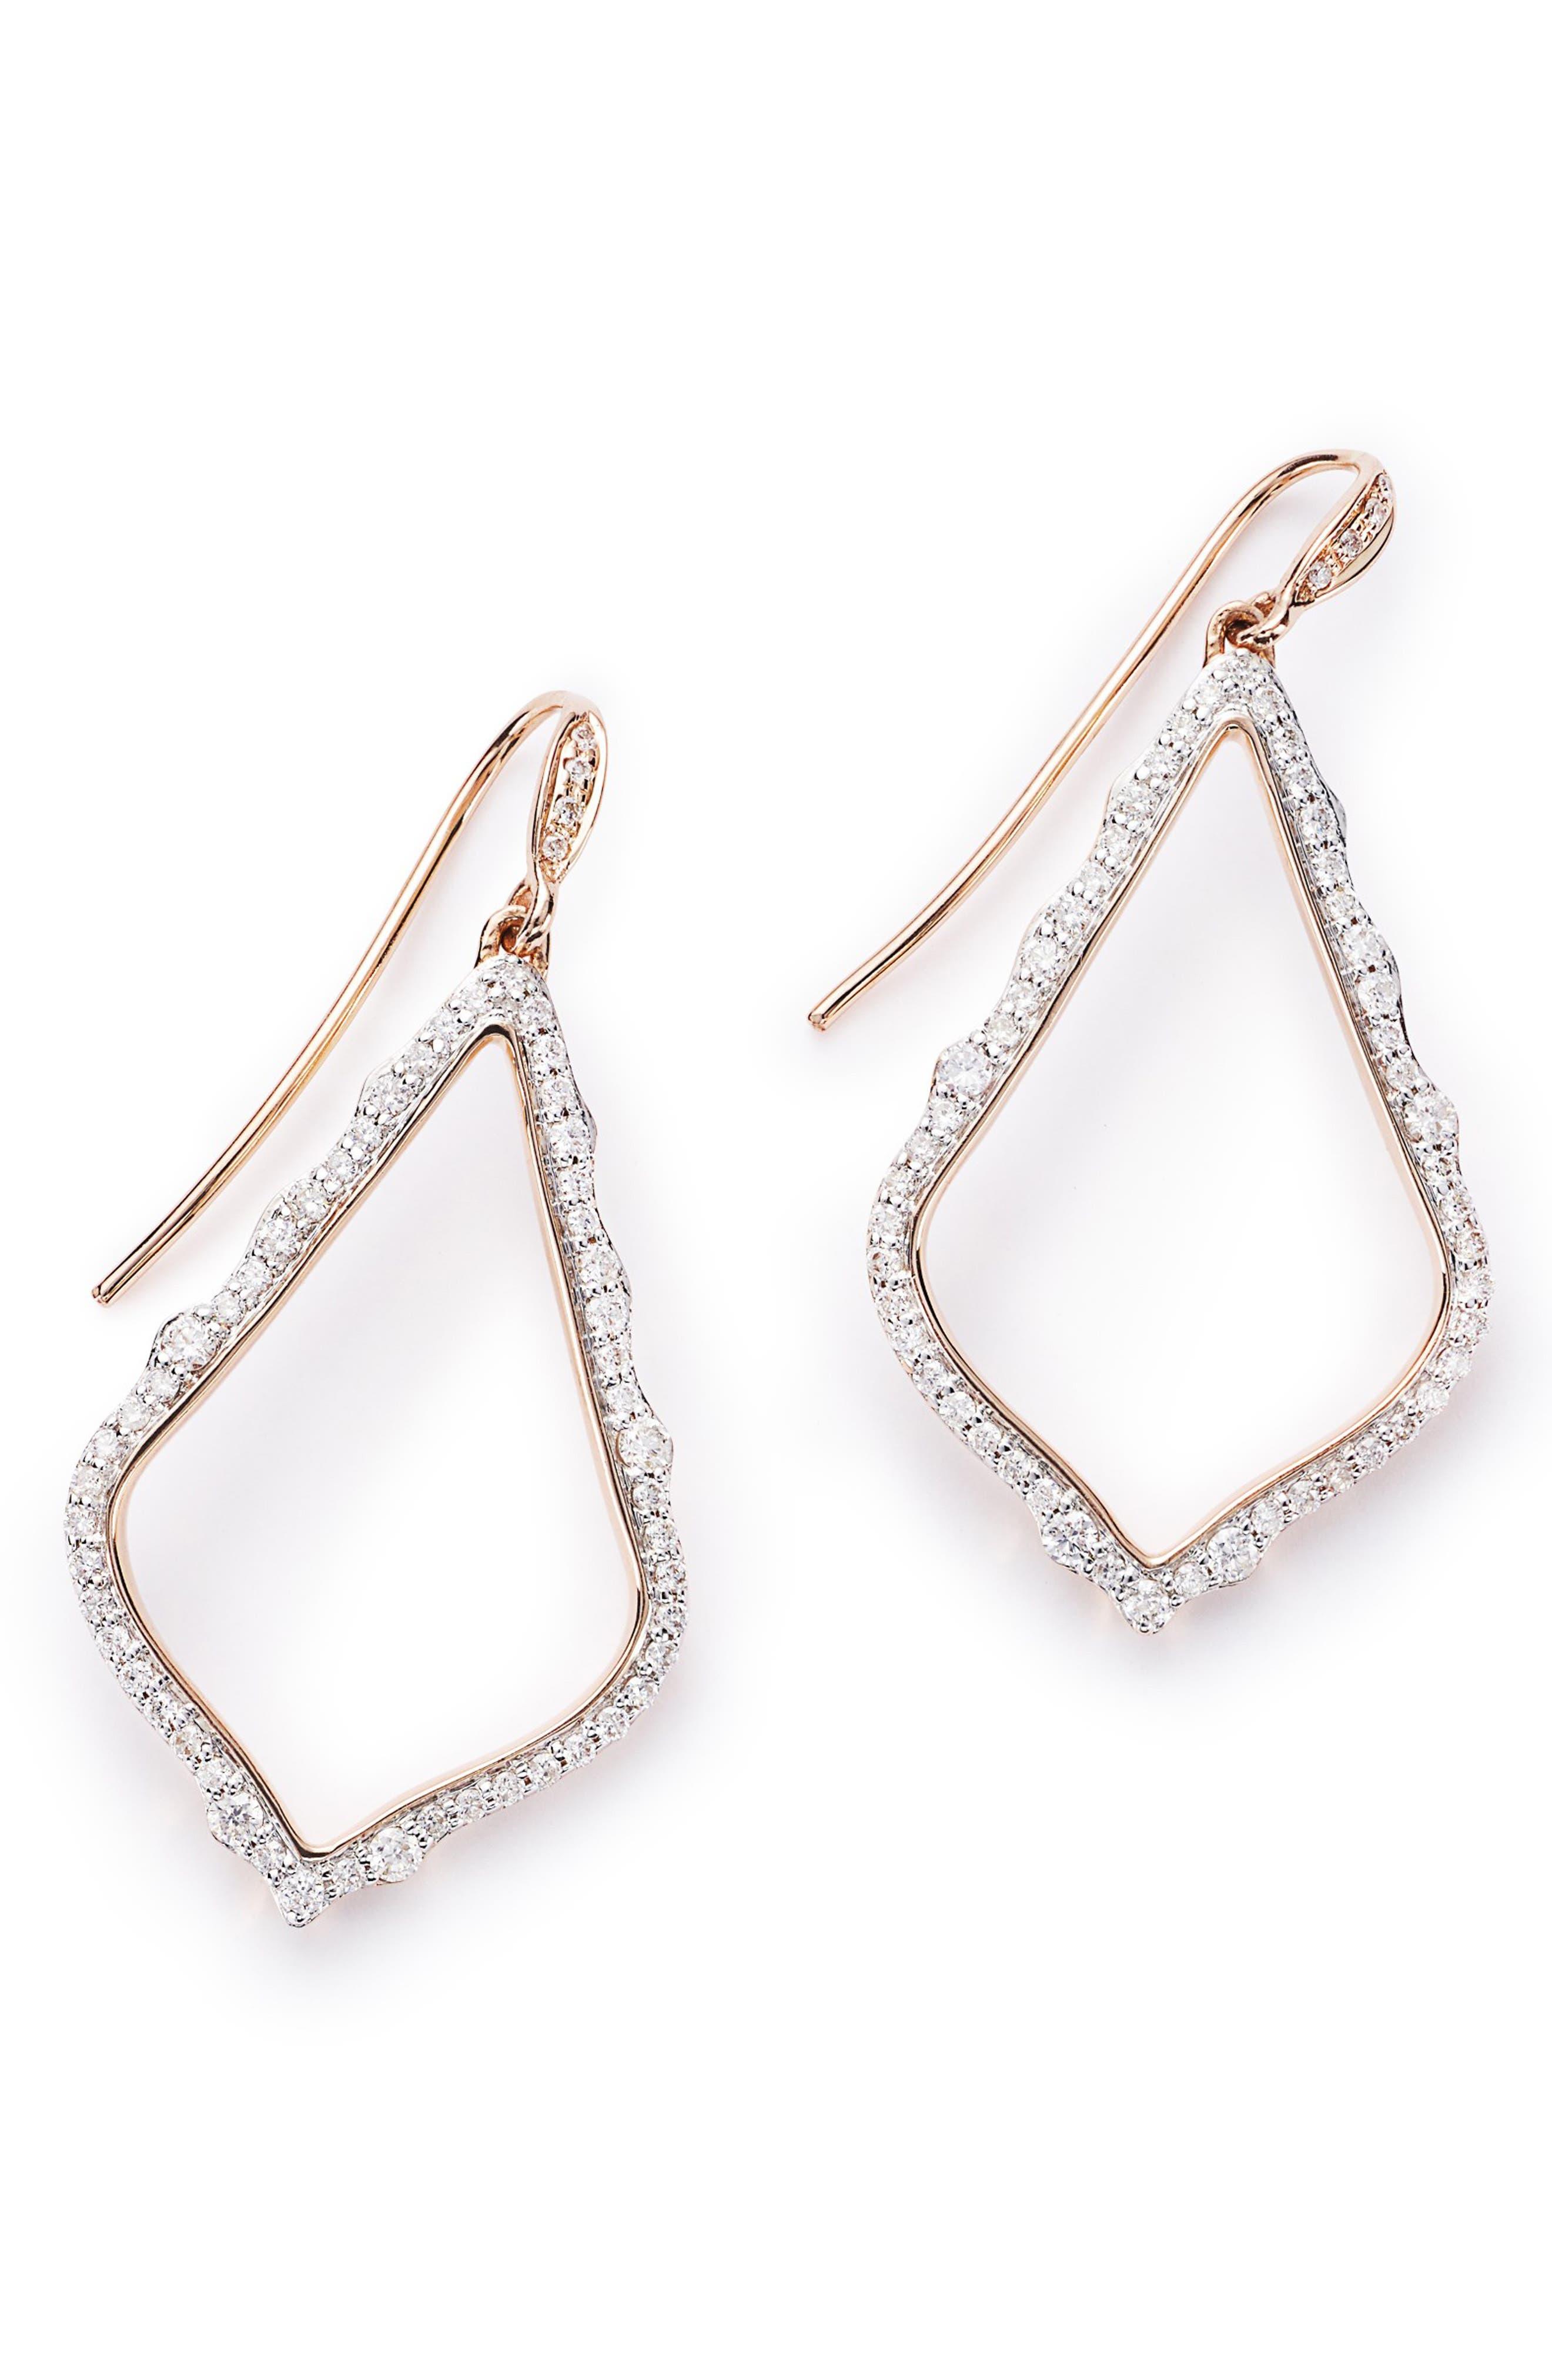 KENDRA SCOTT,                             Sophia Diamond & Rose Gold Drop Earrings,                             Main thumbnail 1, color,                             14K RSG WHITE DIAMOND